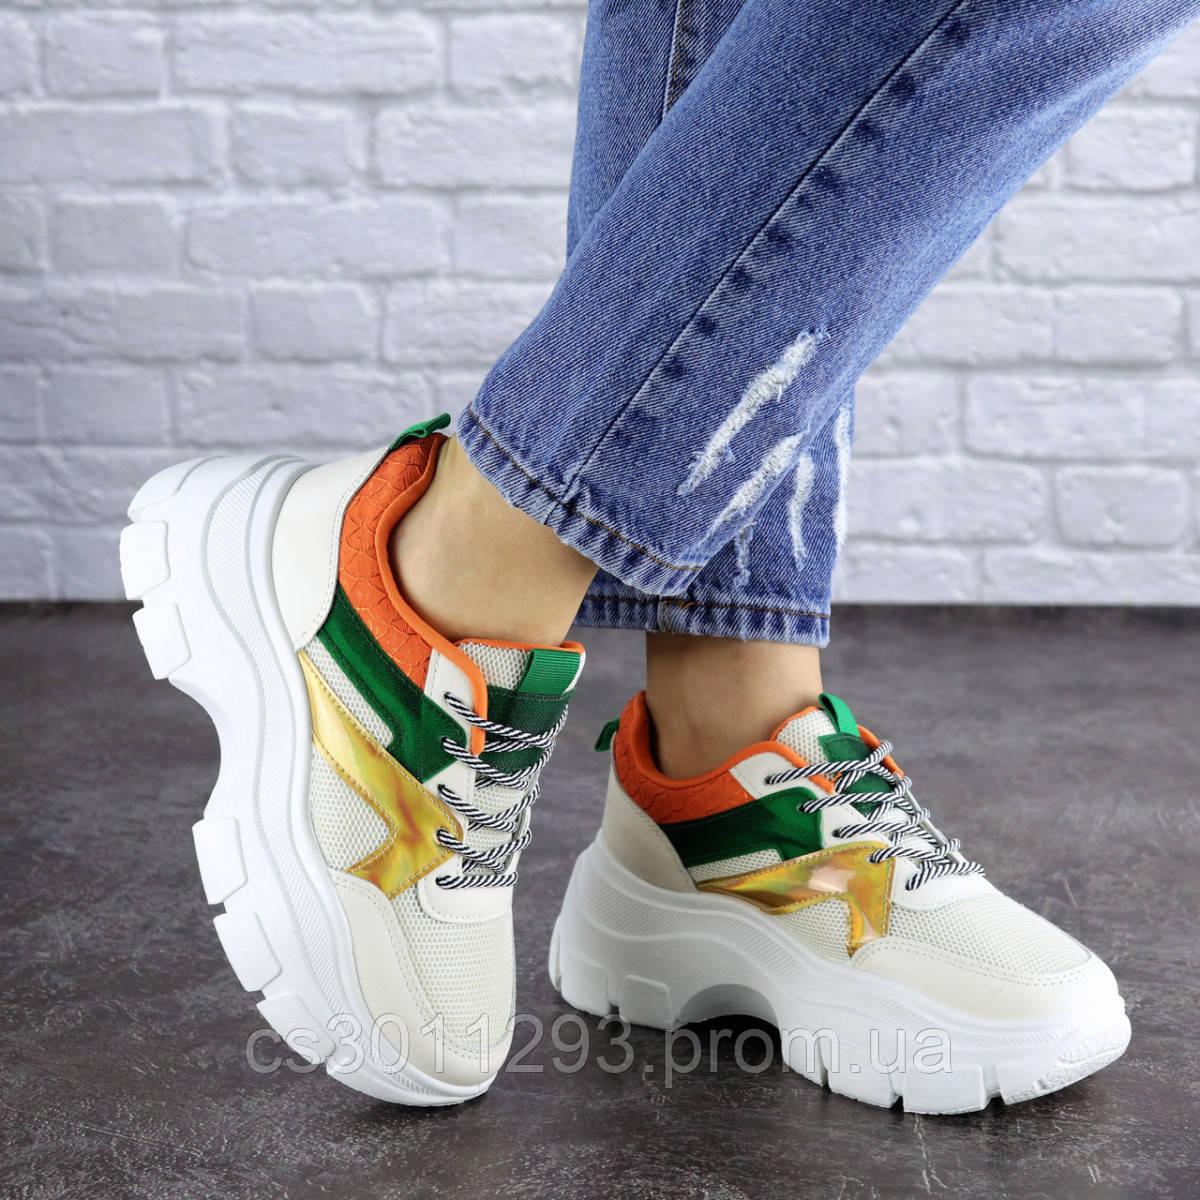 Женские кроссовки Fashion Jeter 1753 36 размер 22,5 см Бежевый